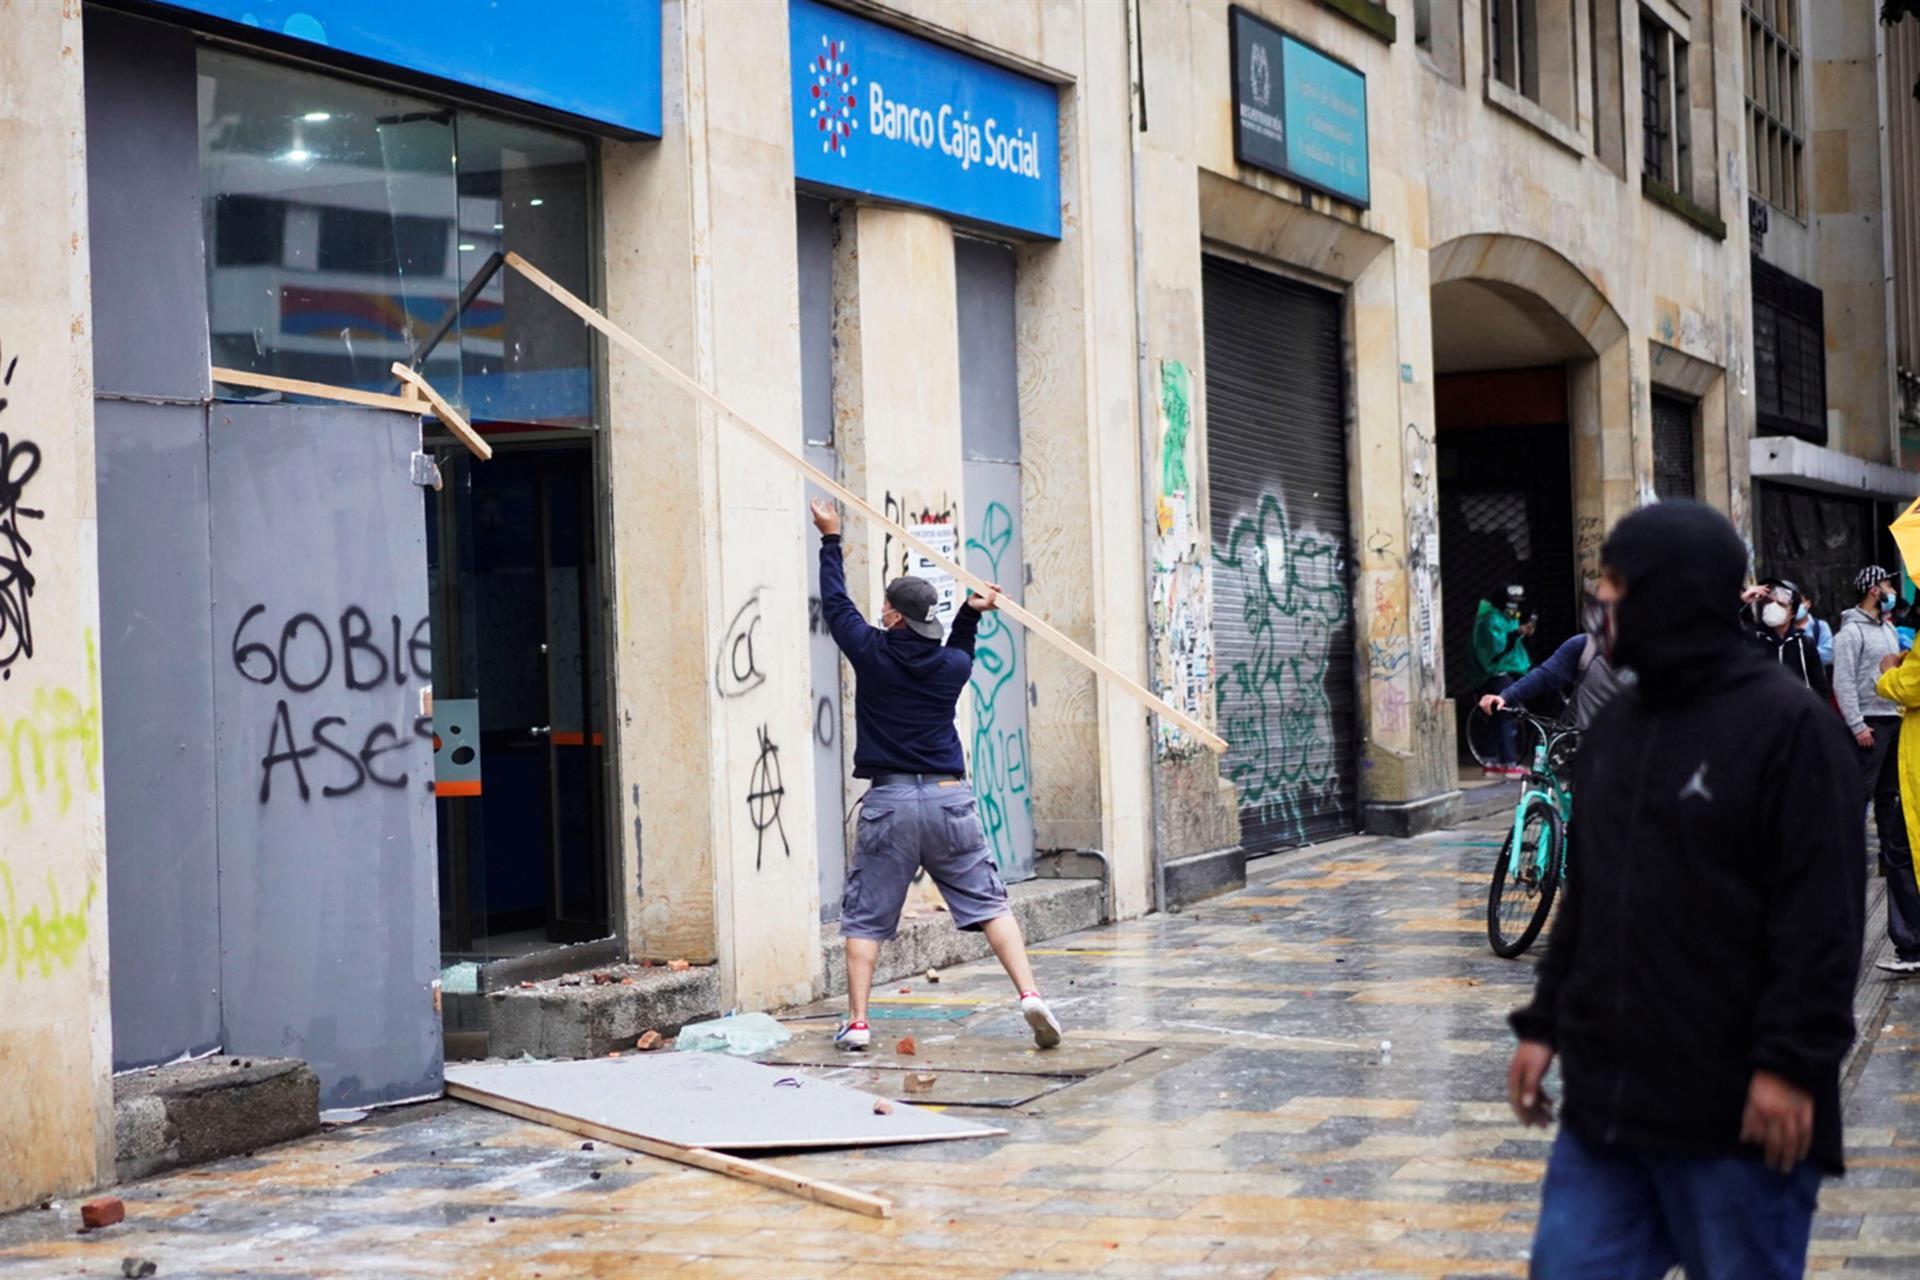 Opinión | Colombia: La excusa perfecta para el vandalismo